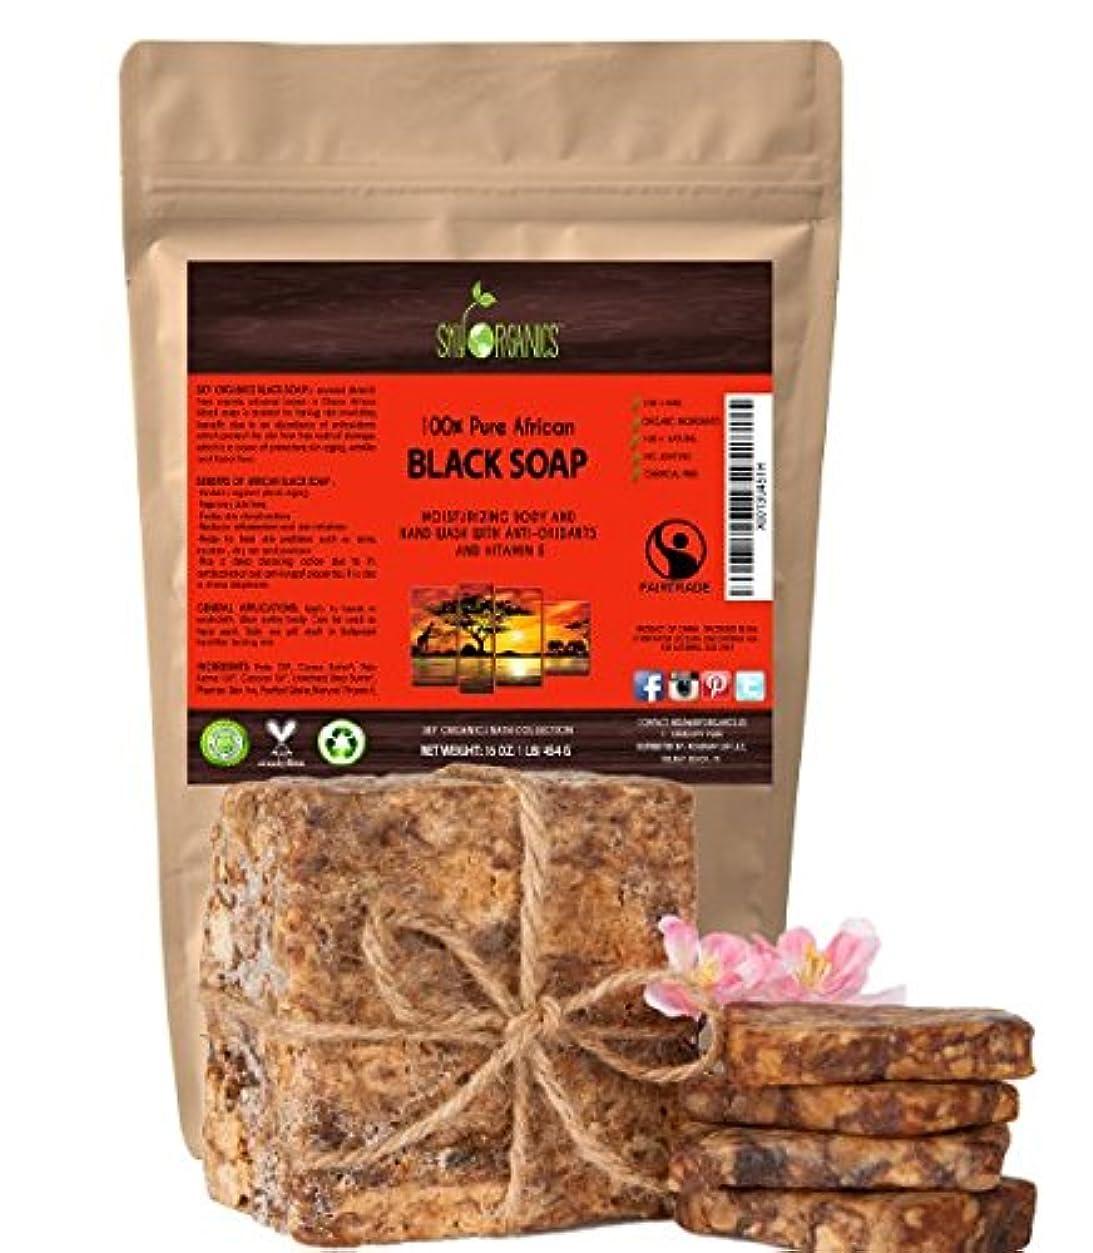 ふりをする聴衆パトロール切って使う オーガニック アフリカン ブラックソープ (約4563gブロック)Organic African Black Soap (16oz block) - Raw Organic Soap Ideal for Acne, [並行輸入品]